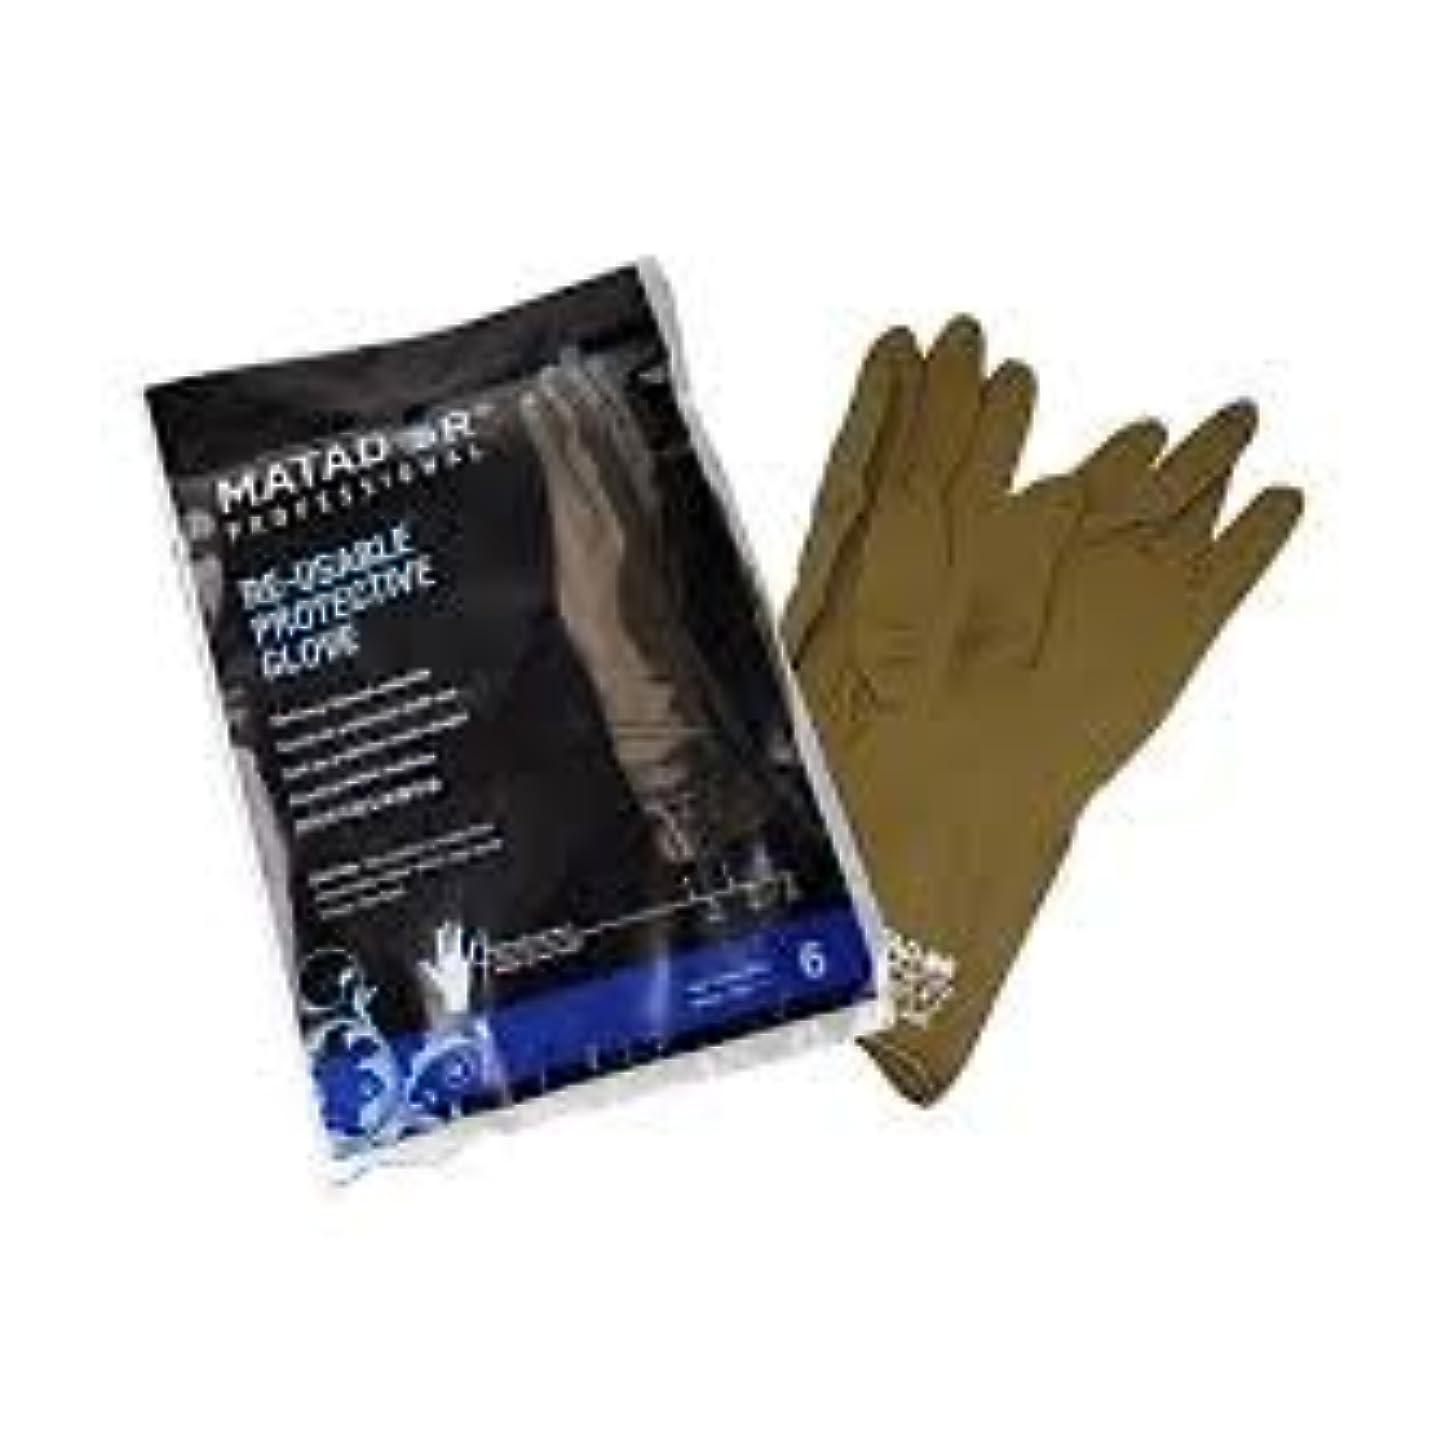 マタドールゴム手袋 6.0吋 【5個セット】